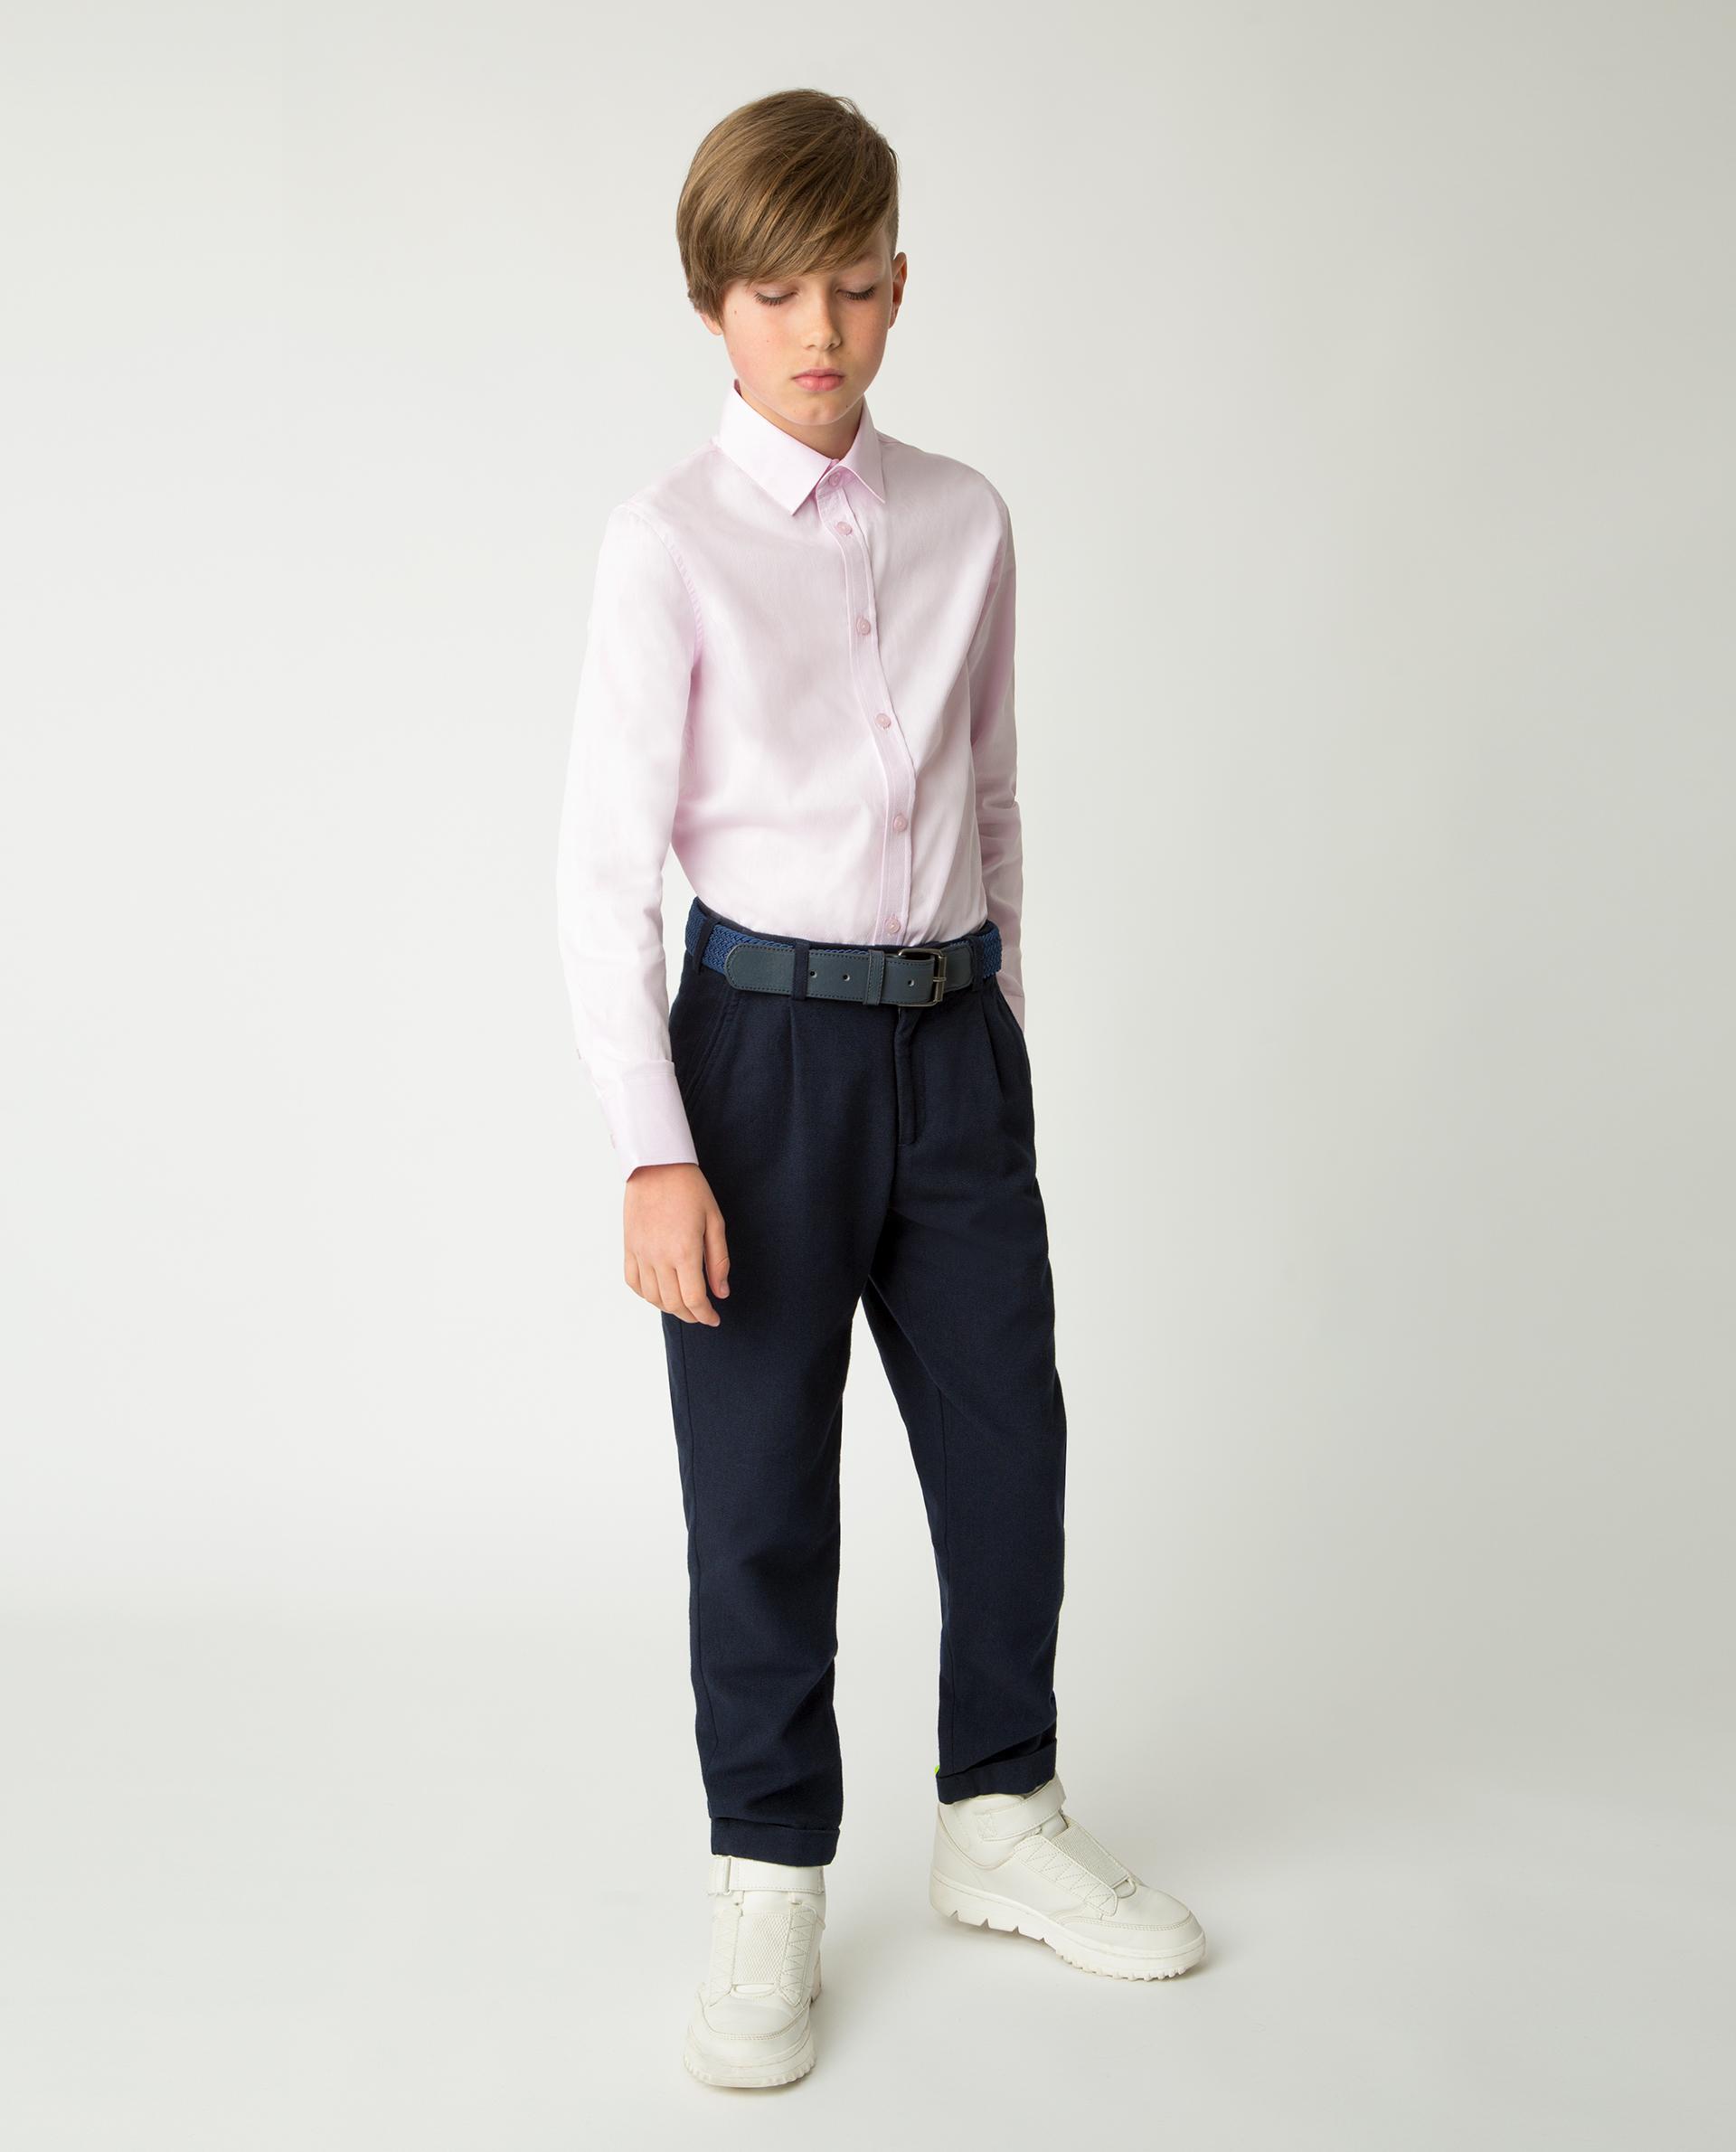 Купить 220GSBC2304, Розовая рубашка Gulliver, розовый, 170, Хлопок, Мужской, Демисезон, ШКОЛЬНАЯ ФОРМА 2020-2021 (shop: GulliverMarket Gulliver Market)